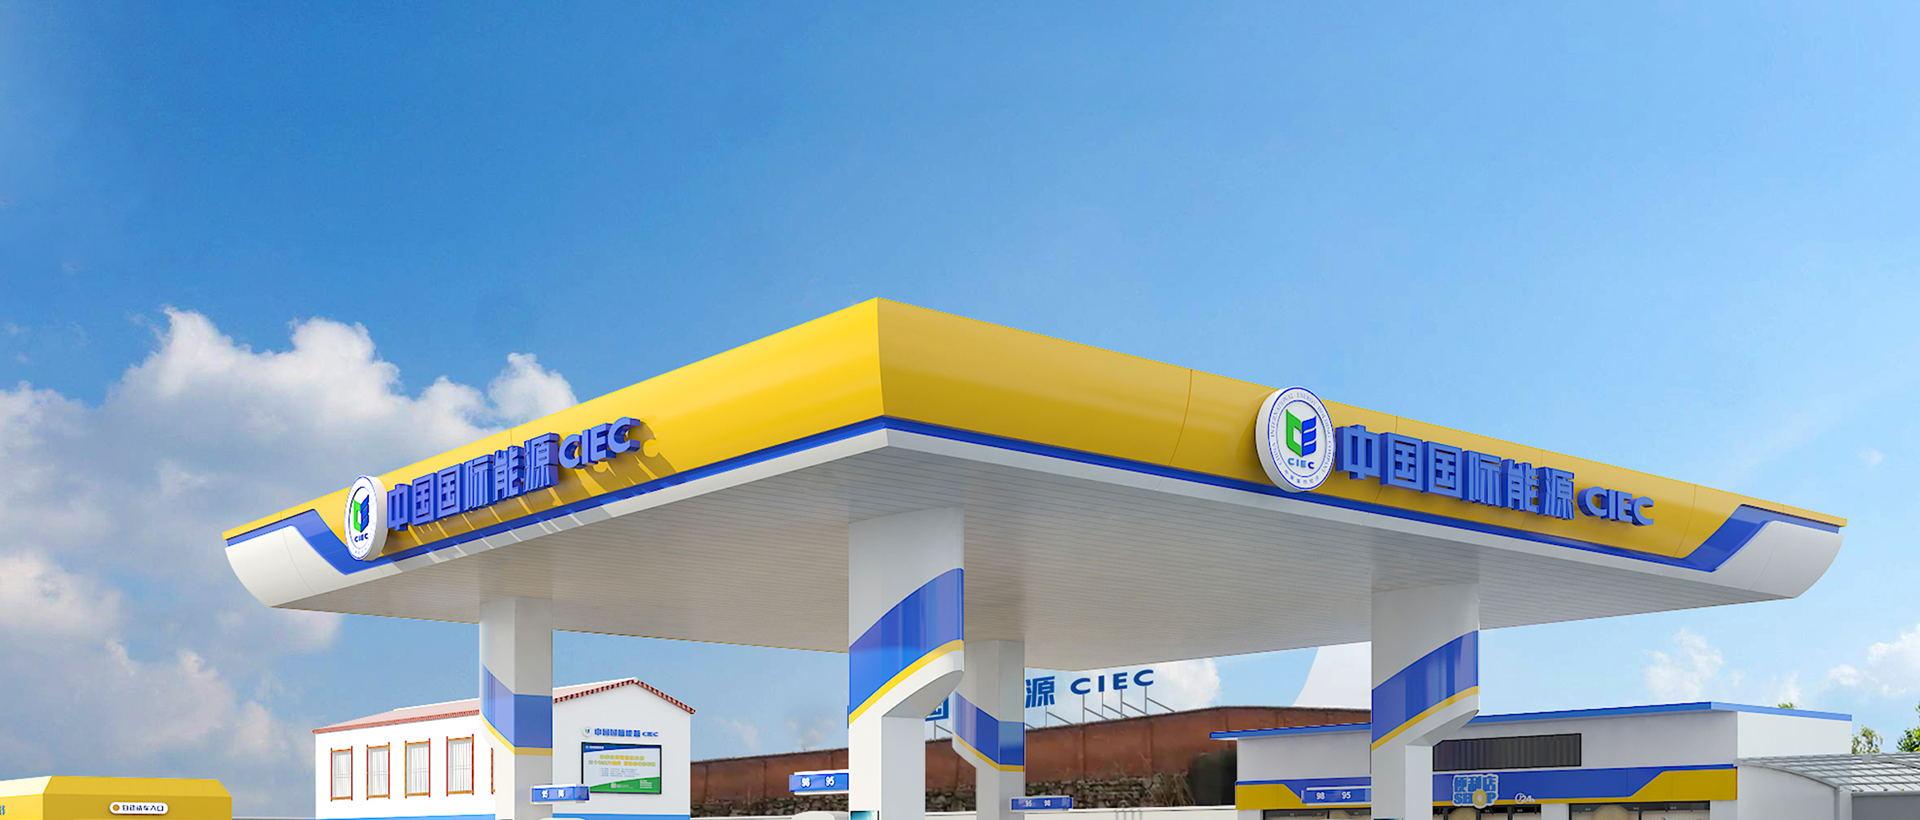 供应链金融业务模式_能源 - 中国国际能源控股有限公司-中能源,加油站经营运营合作 ...